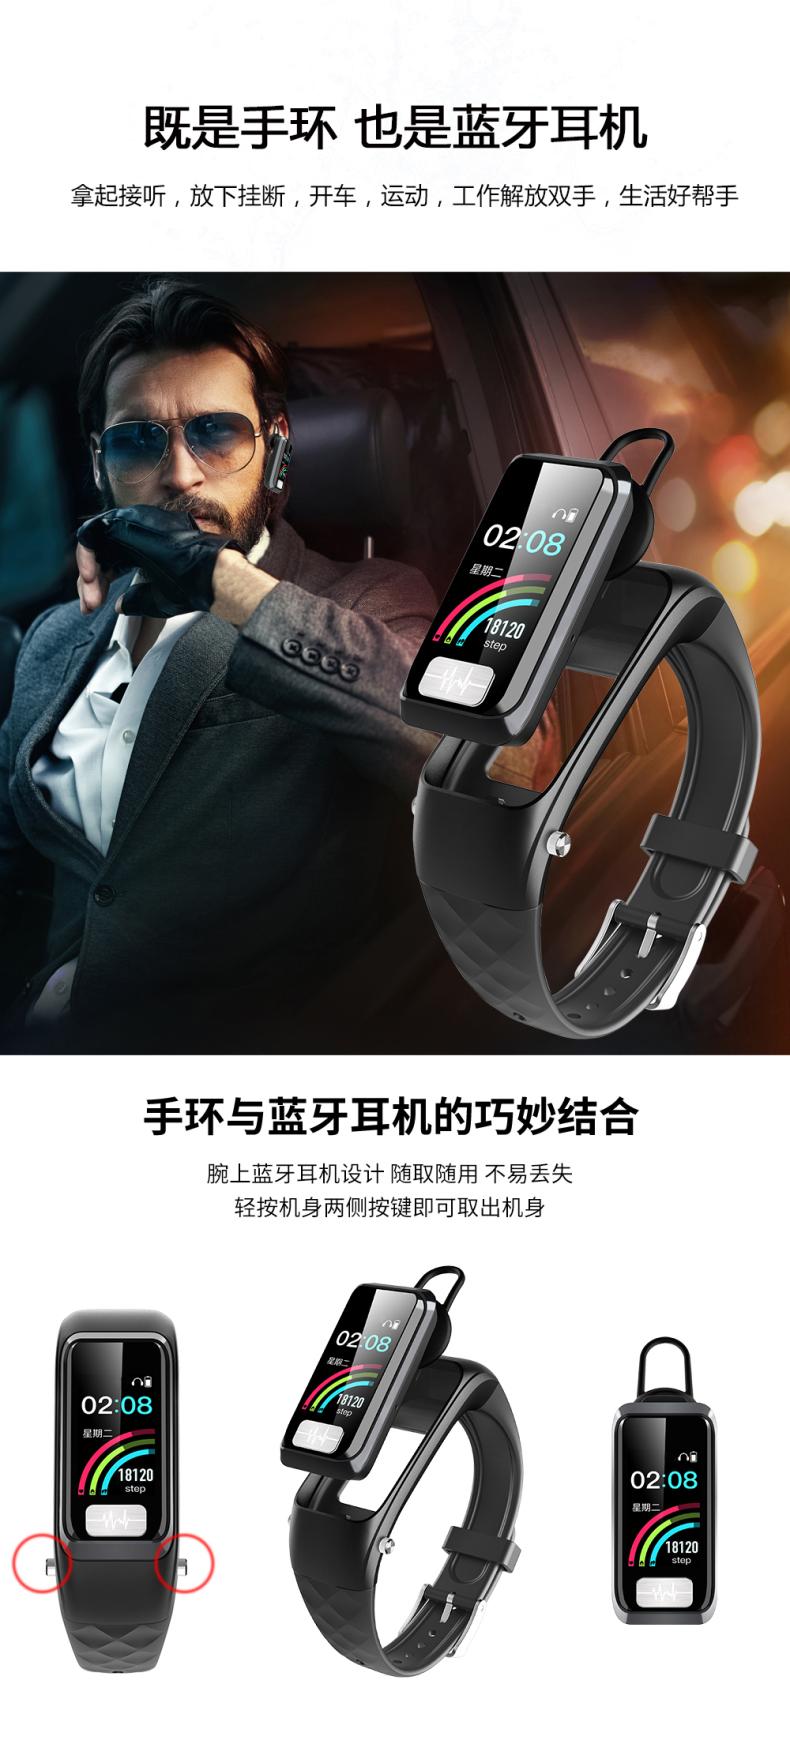 殴姆珑智能手环血压通话手环心率报警检测仪智能手錶心电图心臟心跳脉搏防水运动计步老人苹果安卓通用详细照片